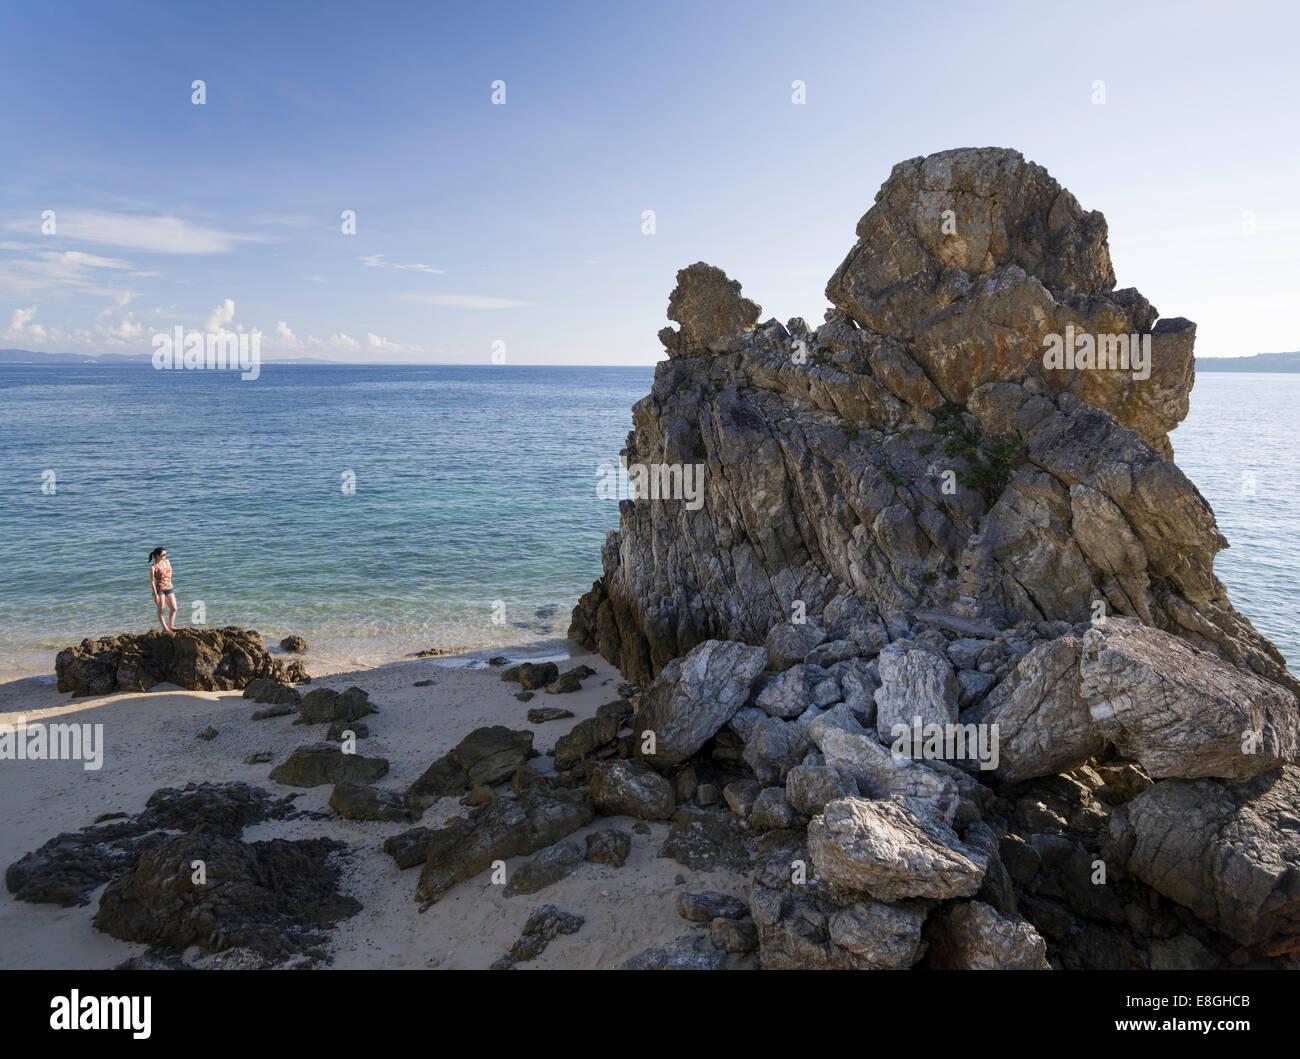 Saki Motobu beach a.k.a. Tritare Gorilla - famoso luogo di immersione nei pressi di Motobu, Okinawa, in Giappone Immagini Stock